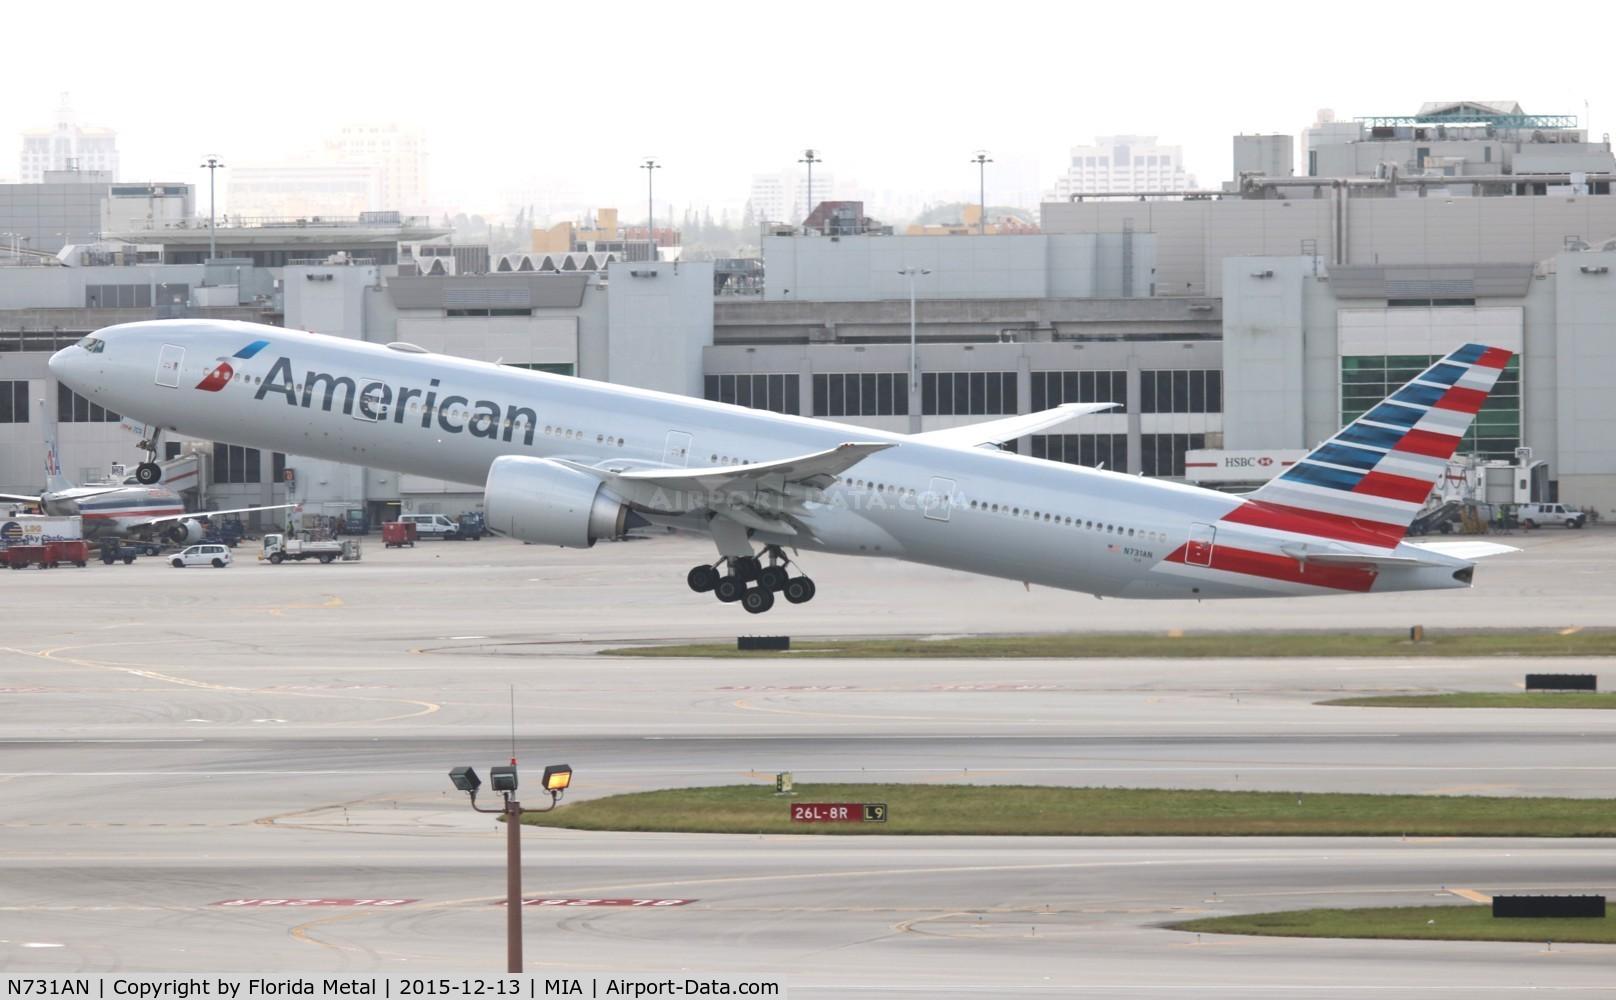 N731AN, 2014 Boeing 777-323/ER C/N 33523, American